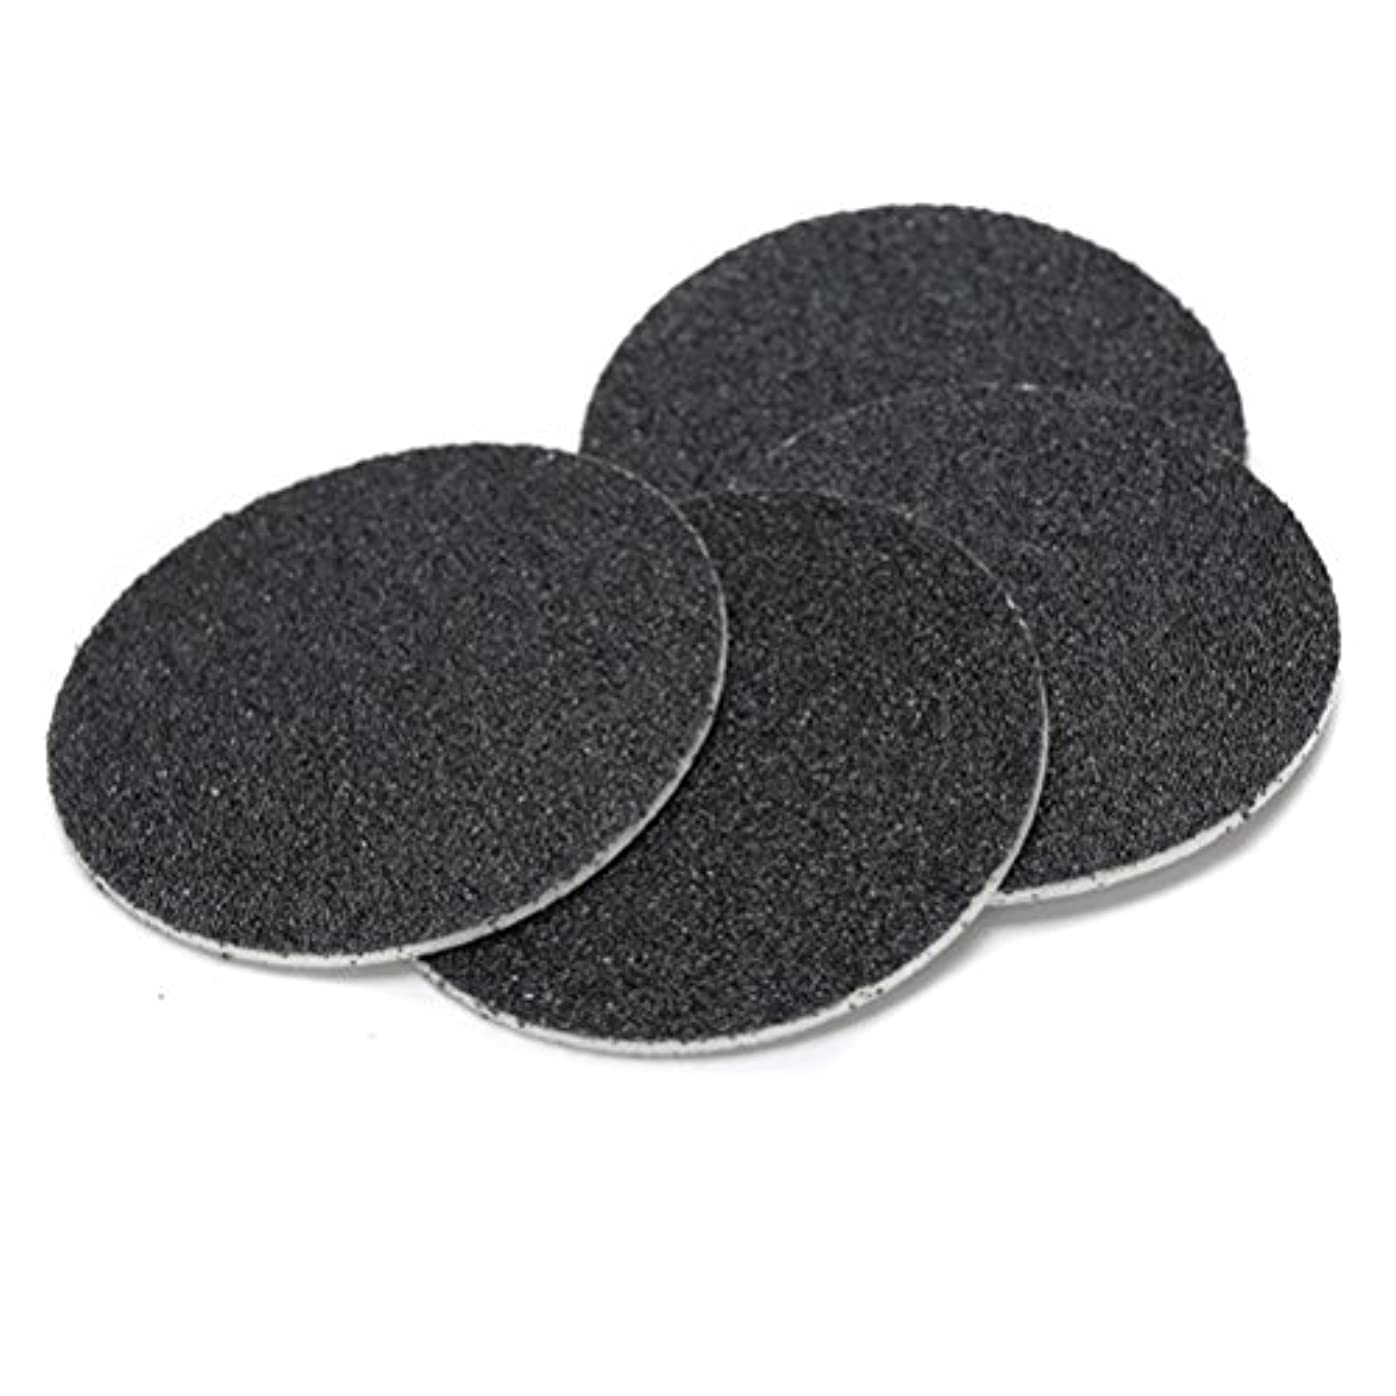 不透明な降ろすカバーJoint Victory Pedicure Tools 1 Box (60pcs) Replacement Sandpaper Discs Pad for Electric Foot File Callus Remover...